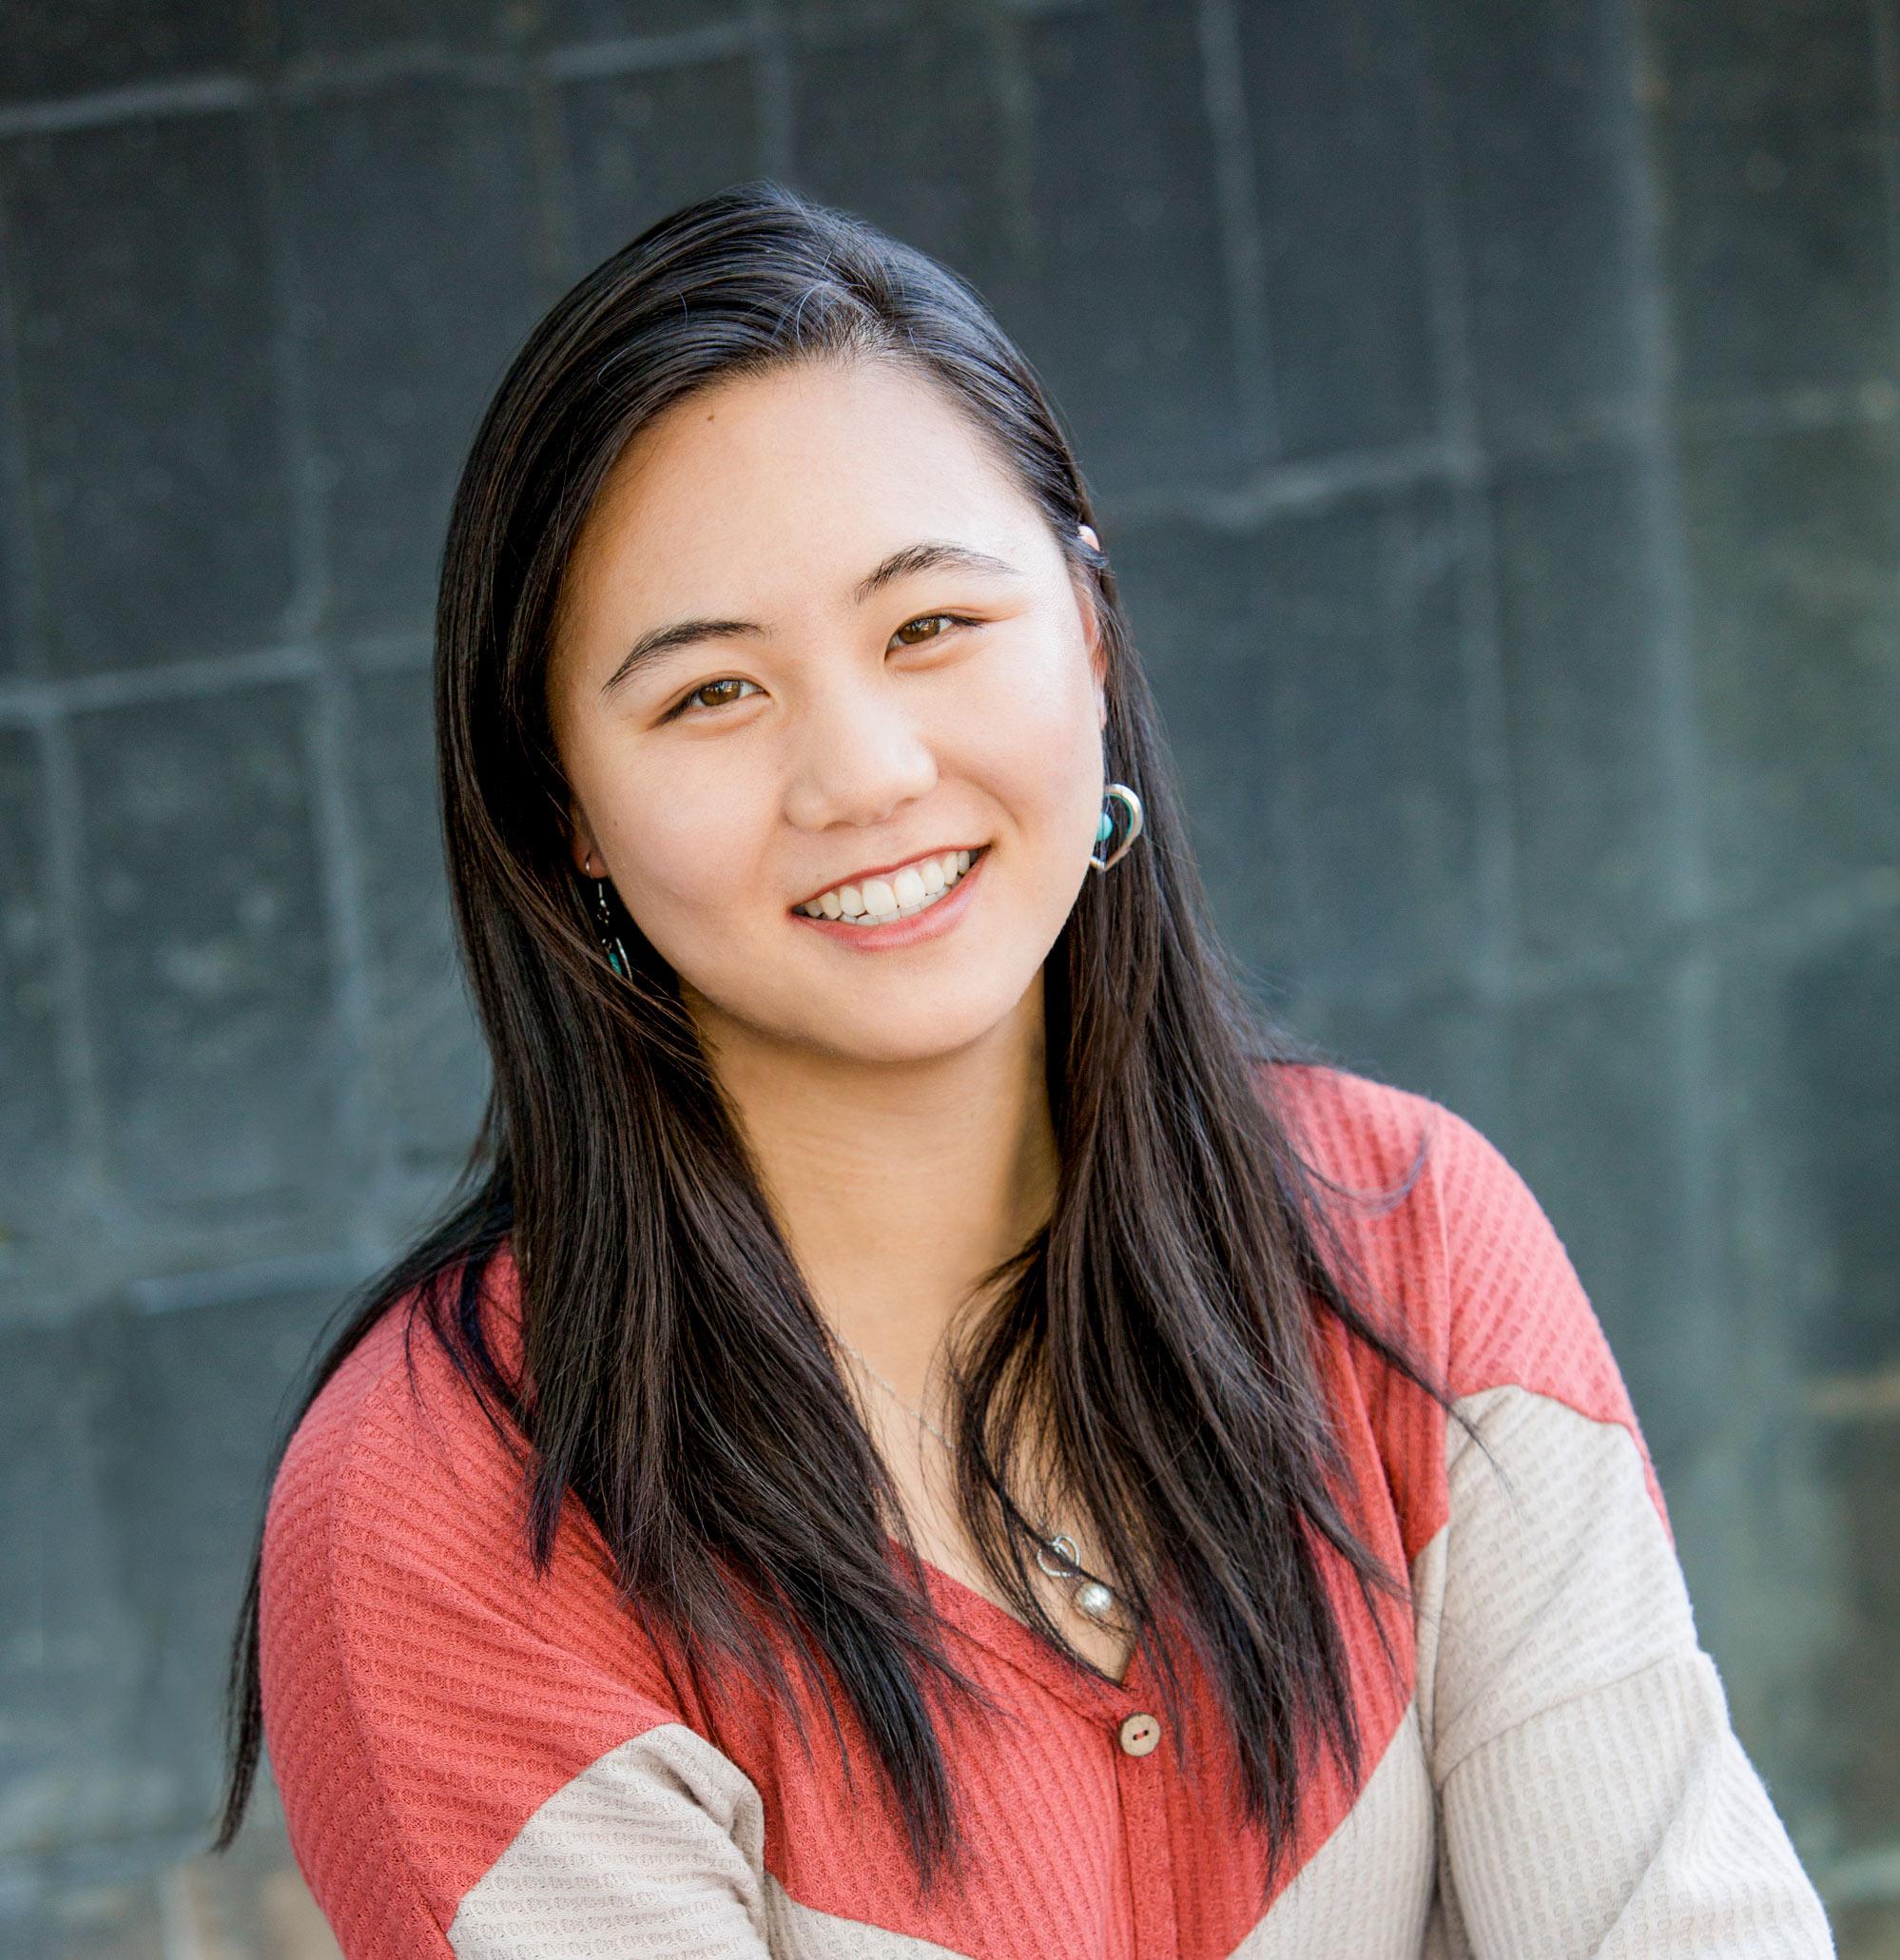 Jenny C. Xu '19